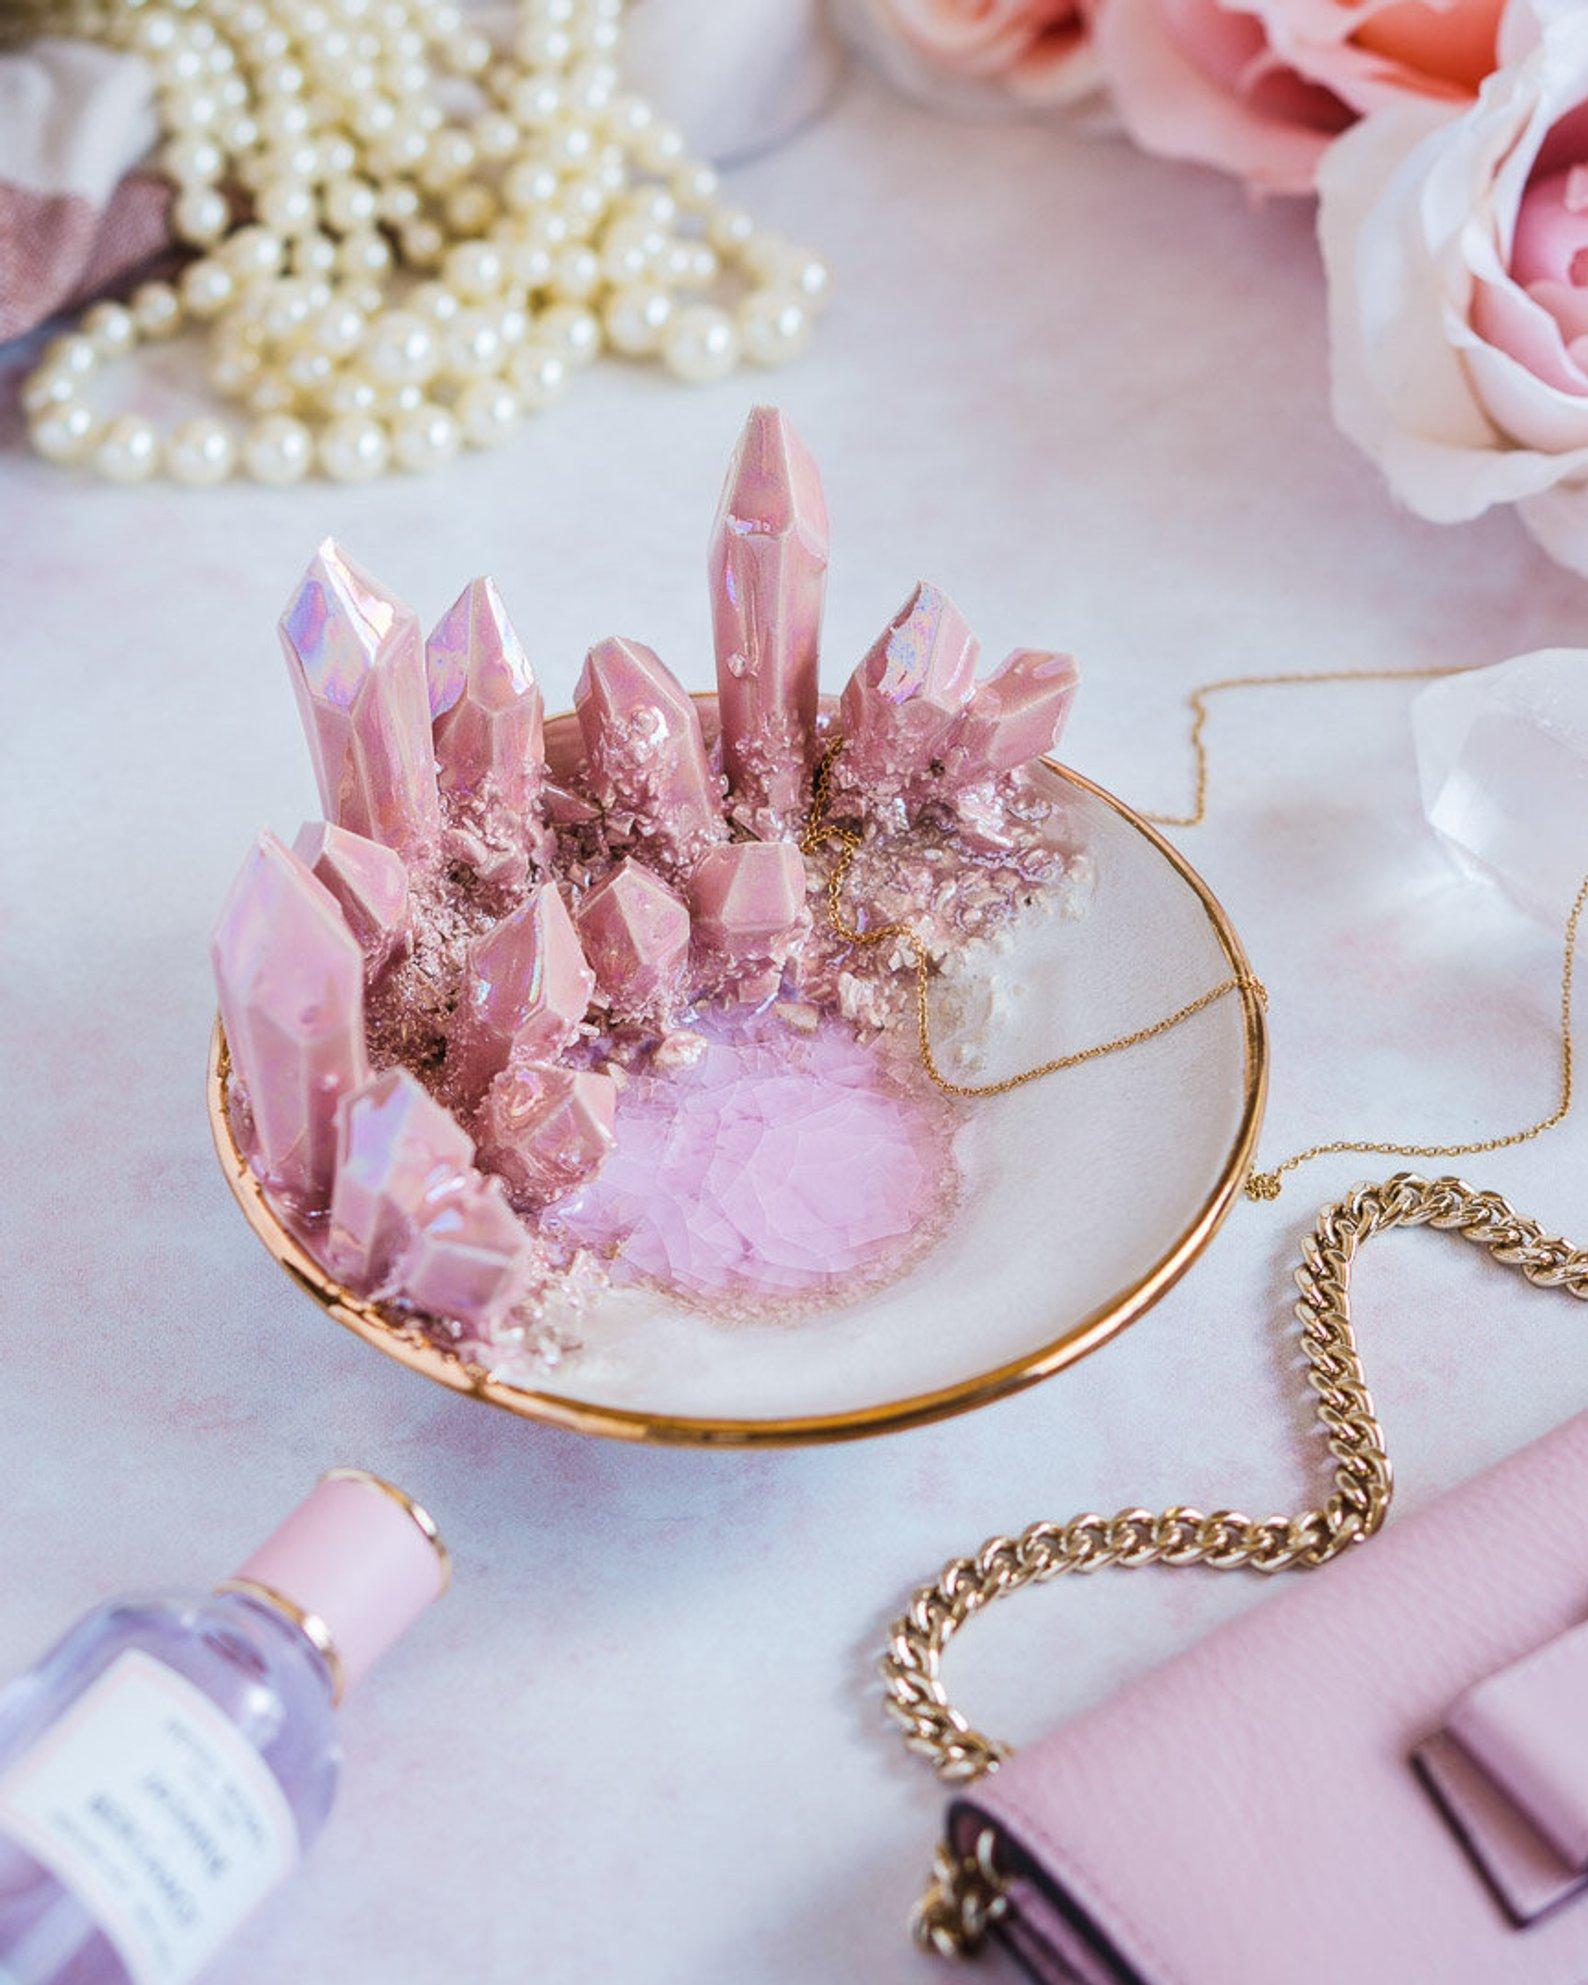 Design-Your-Own Rose Quartz Crystal Dish By Essarai Ceramics